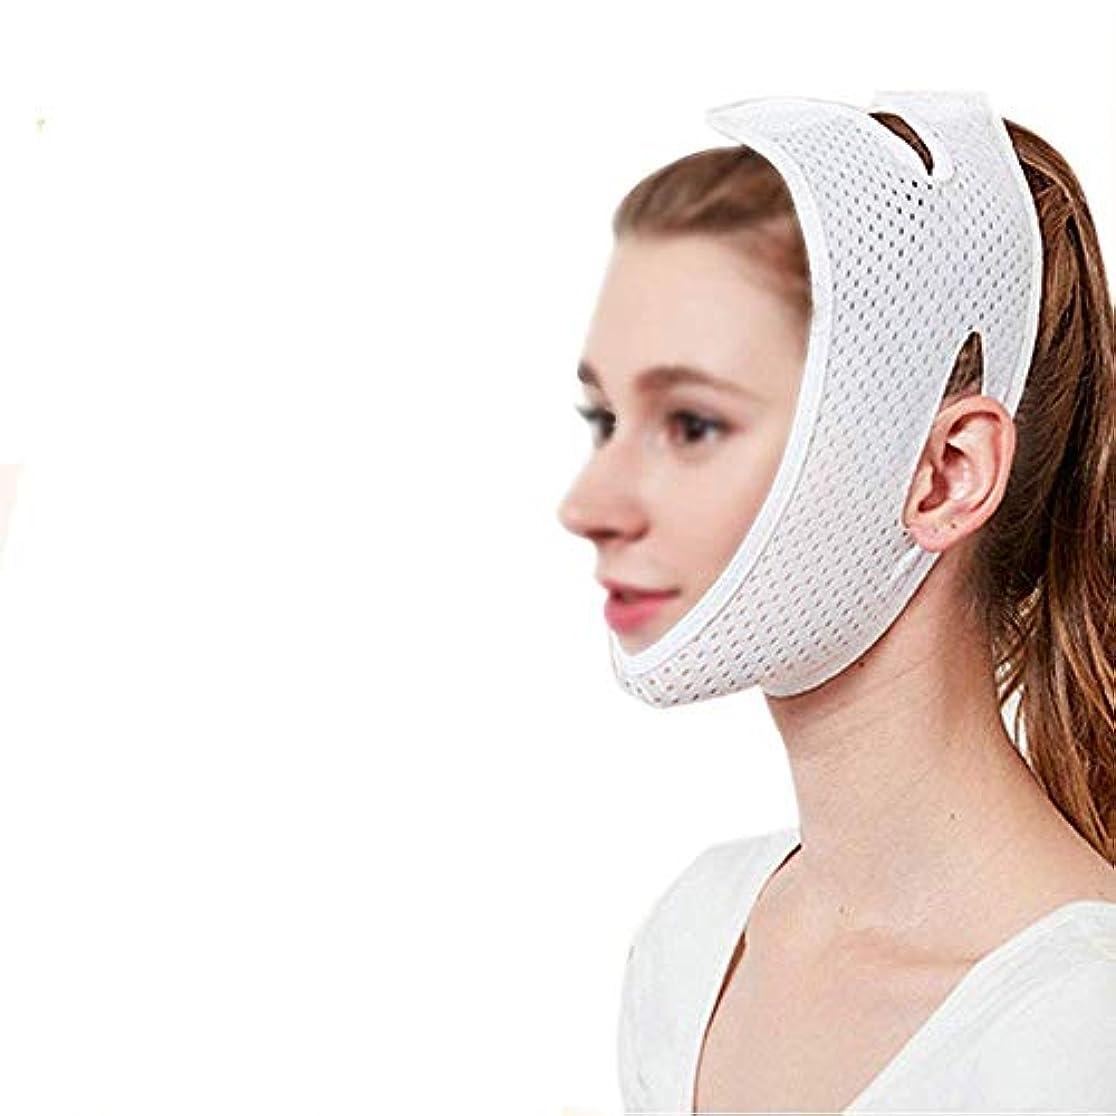 アプライアンスピッチャー分布薄型フェイスベルト、V字絆創膏ダブルマスクあご取り法用マスクリフティングファーミングスリーピングマスク(カラー:ホワイト),白